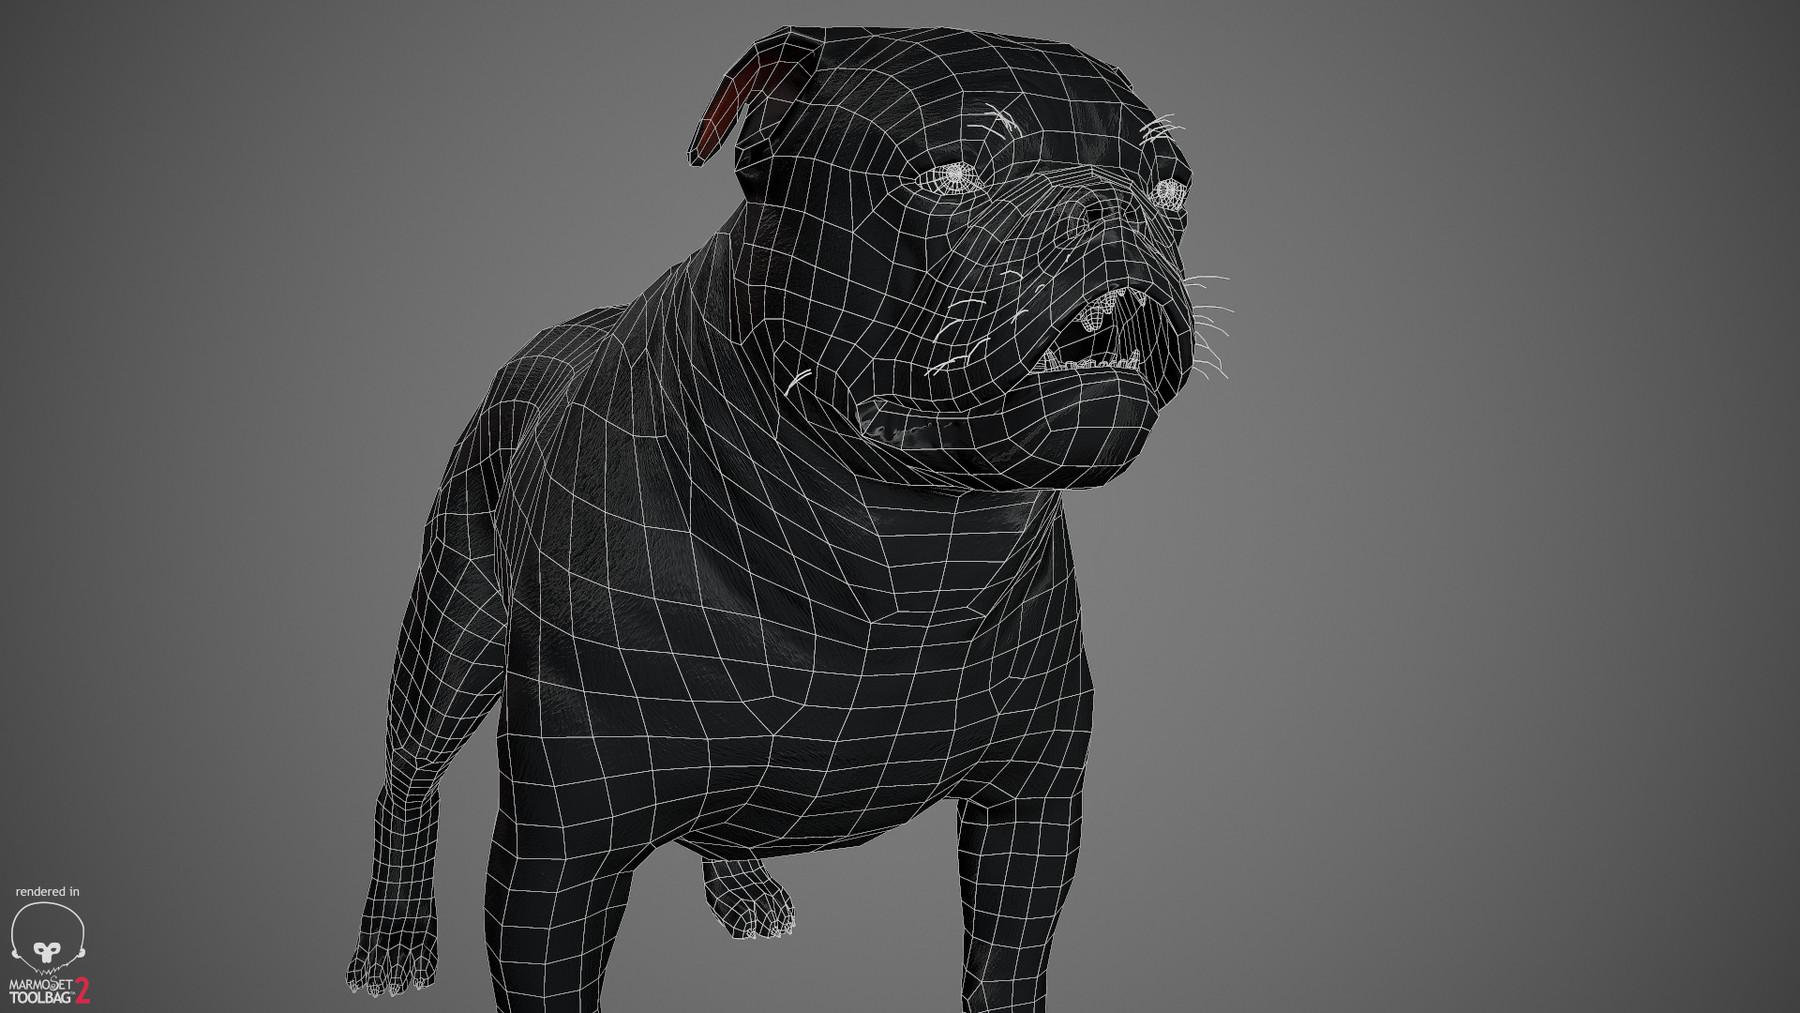 Englishbulldog by alexlashko wireframe 05